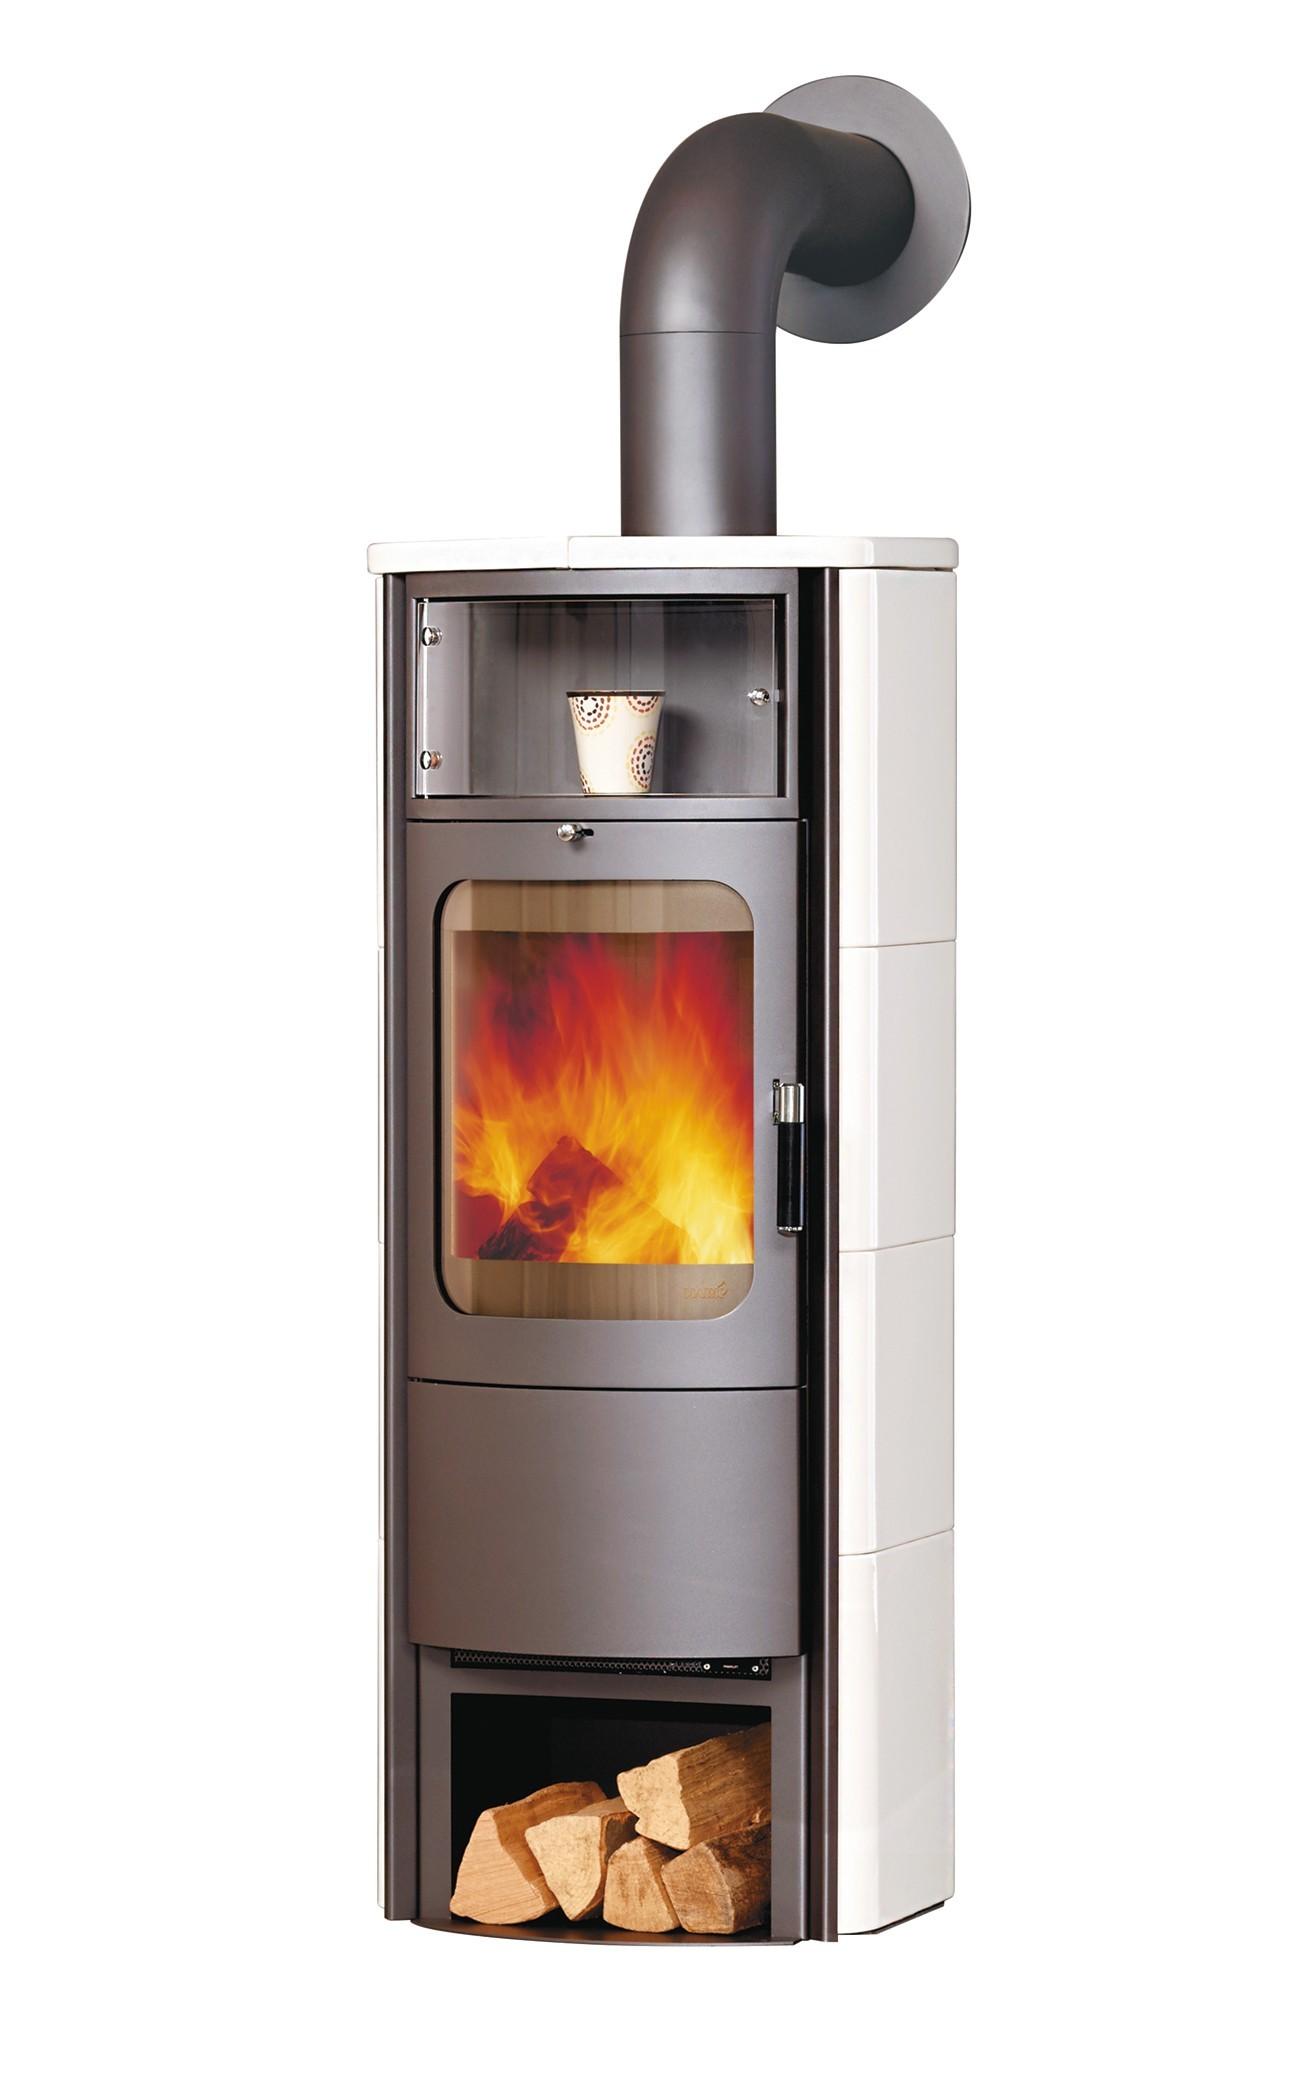 Kaminofen / Dauerbrandofen Hark Opera-B Grande Keramik creme-weiß 7 kW Bild 1